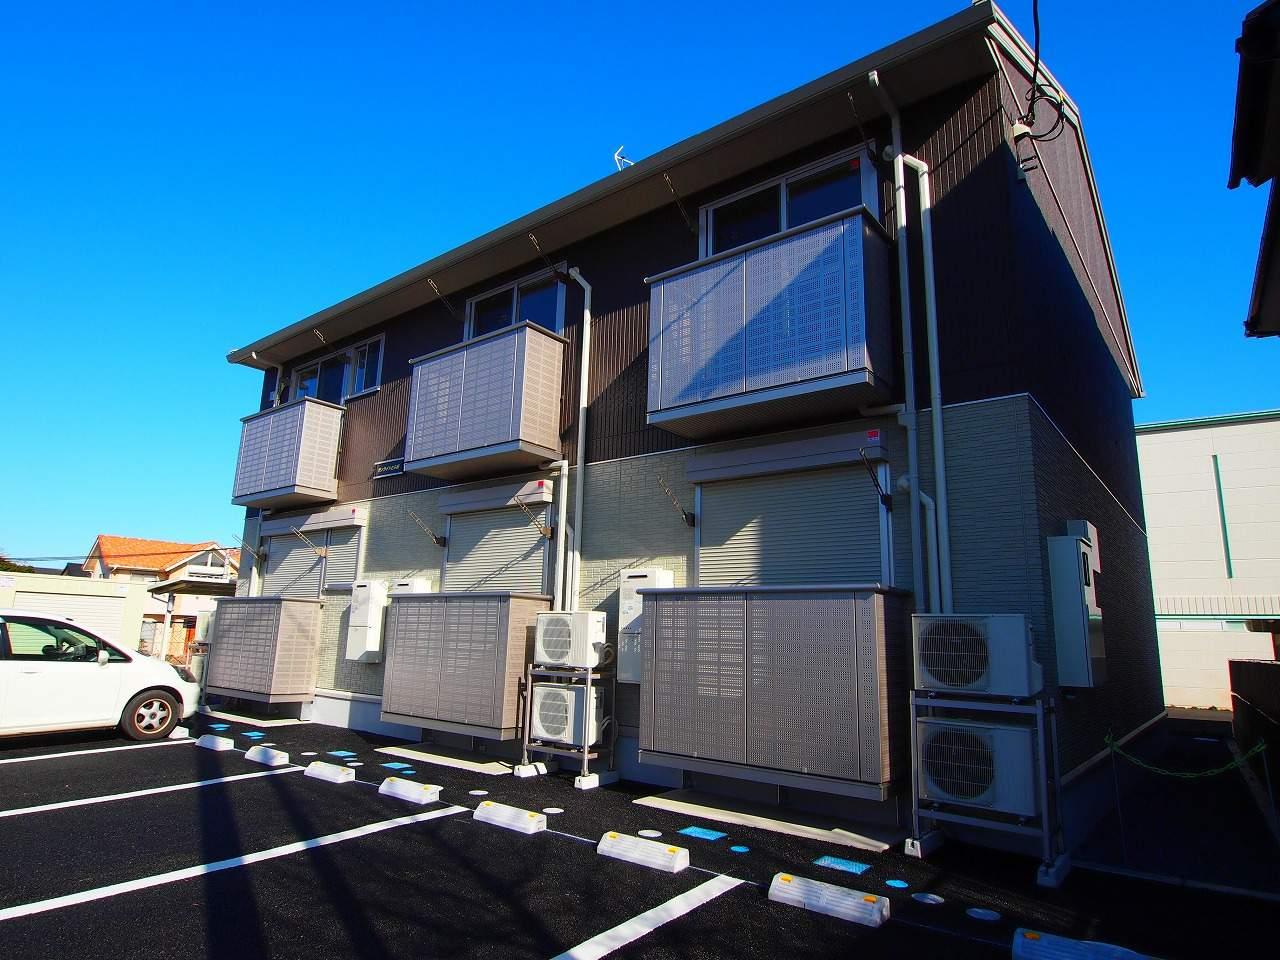 茨城県鹿嶋市、鹿島サッカースタジアム(臨)駅徒歩30分の築3年 2階建の賃貸アパート